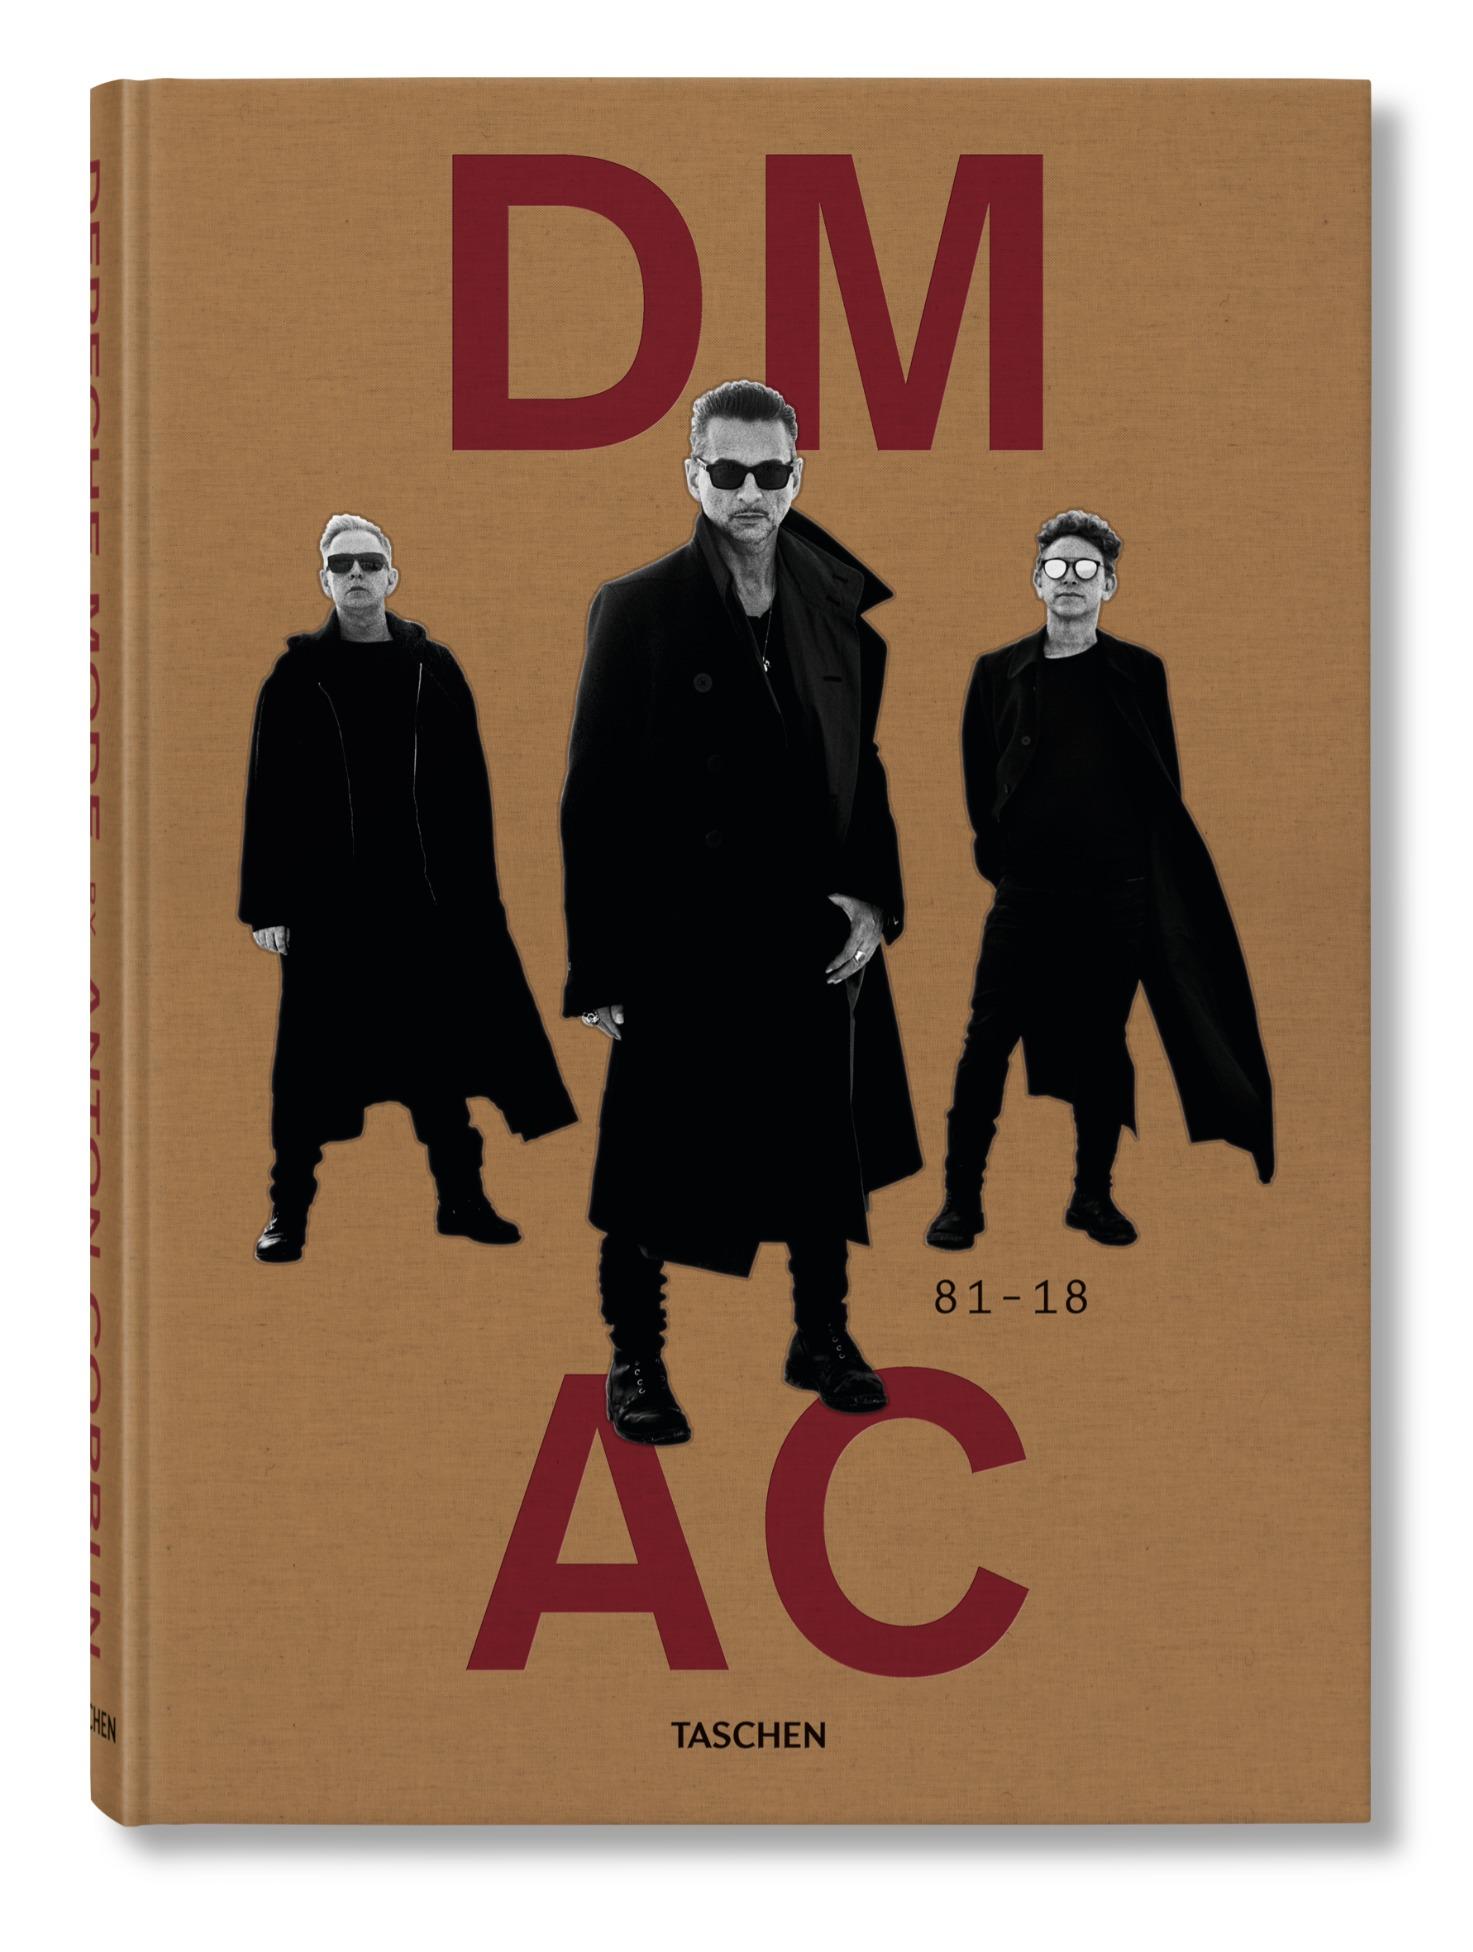 News Littéraires – Depeche Mode by Anton Corbijn